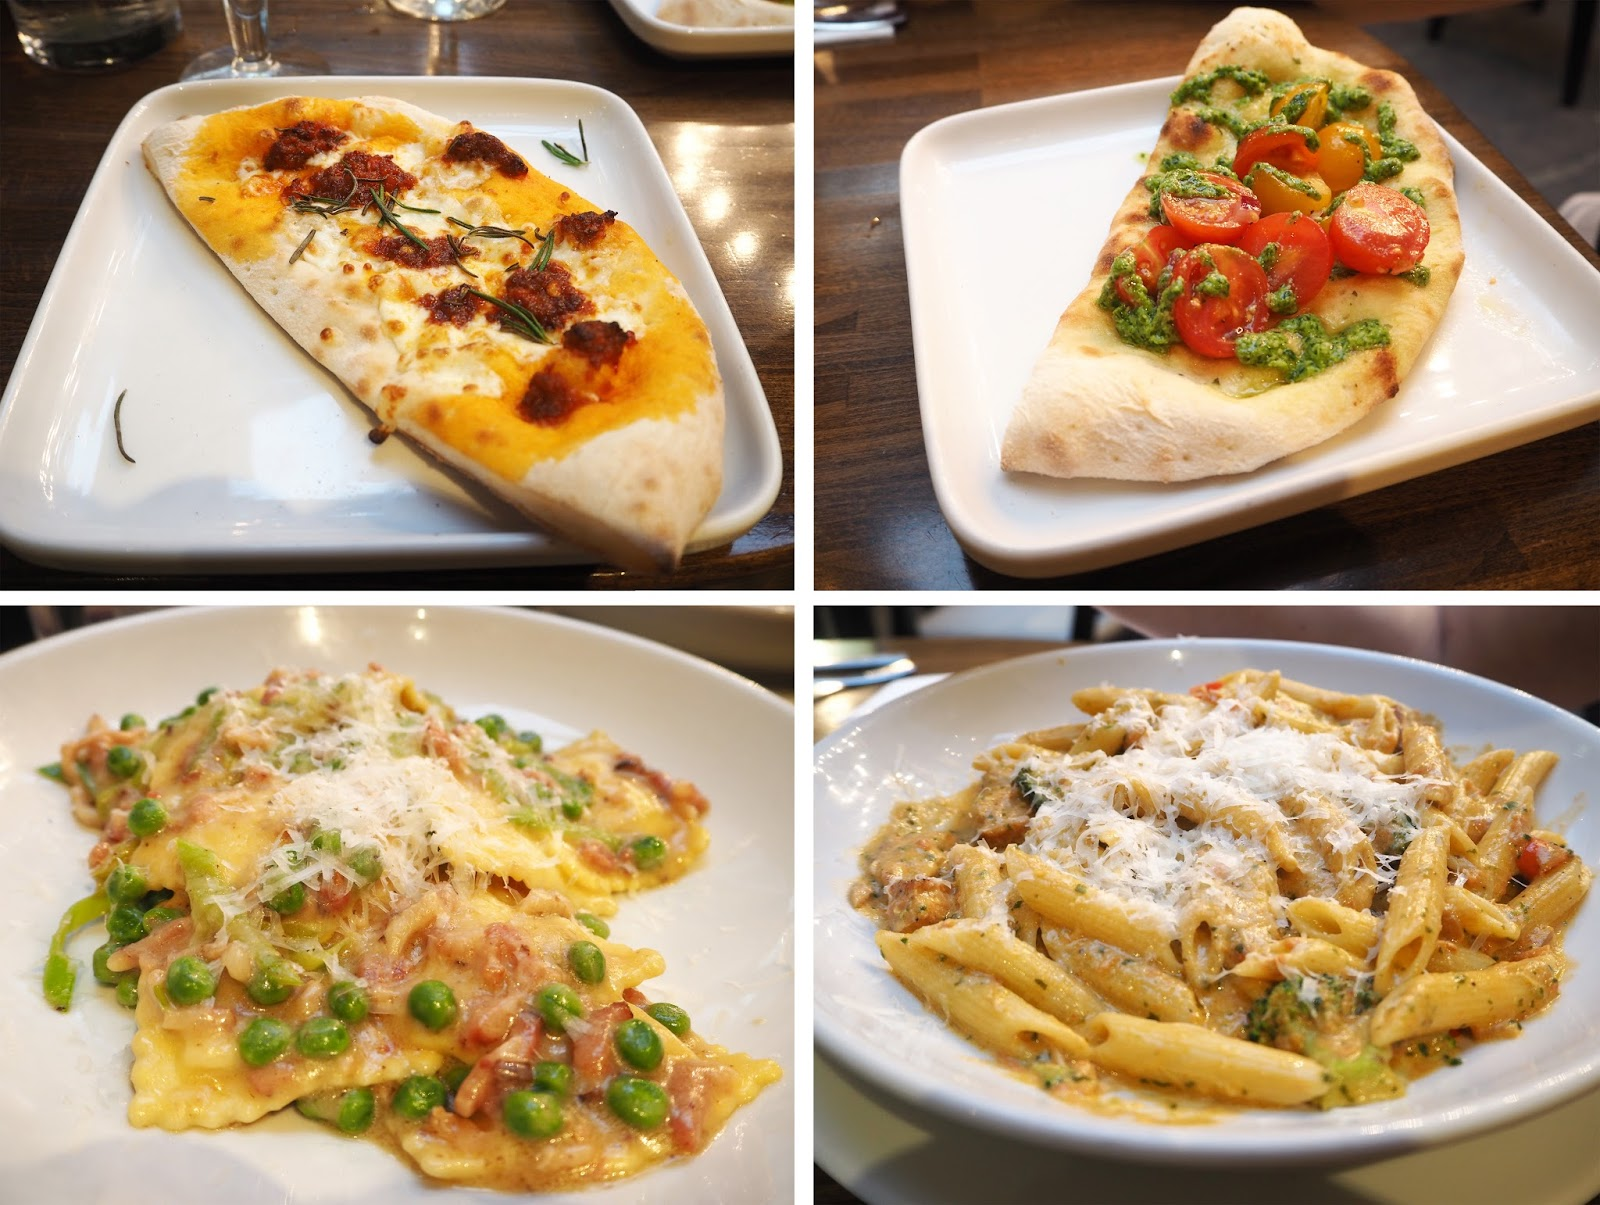 Prezzo Italian: N'duja Pizzette, Bruschetta, Chicken Ravioli, Penne Con Salmone